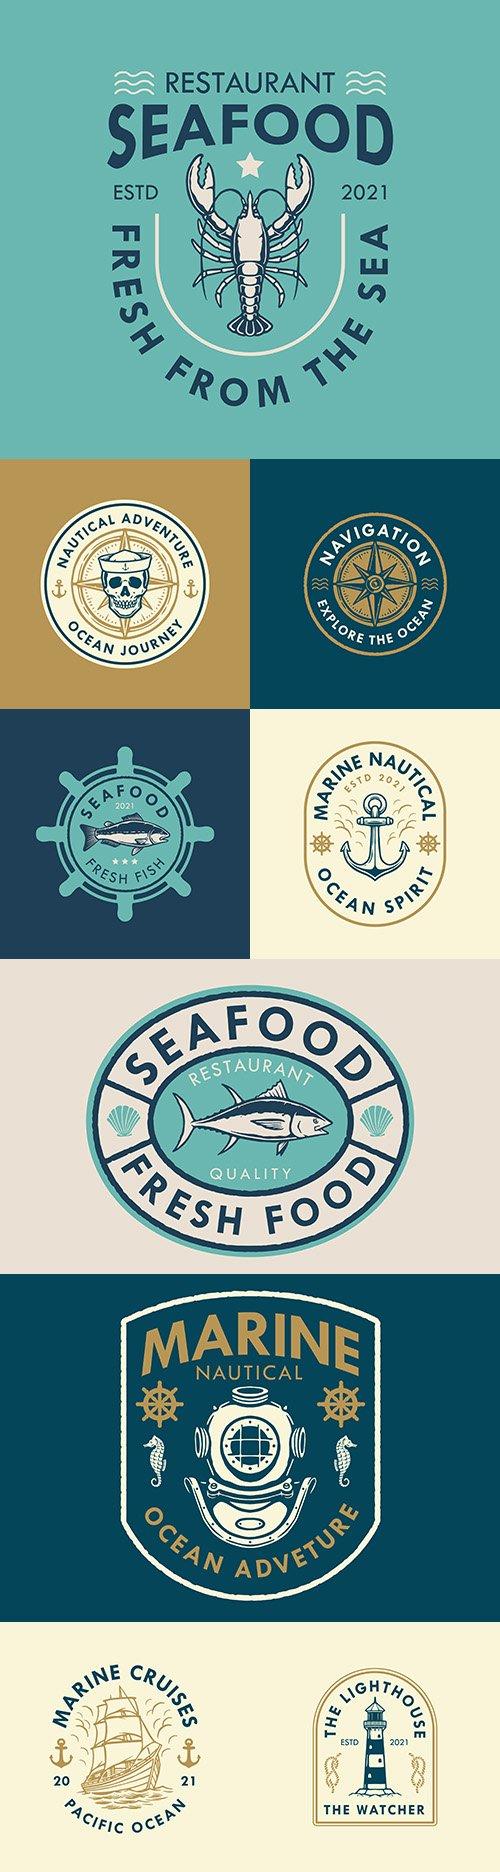 Marine logo design and retro style badges illustration